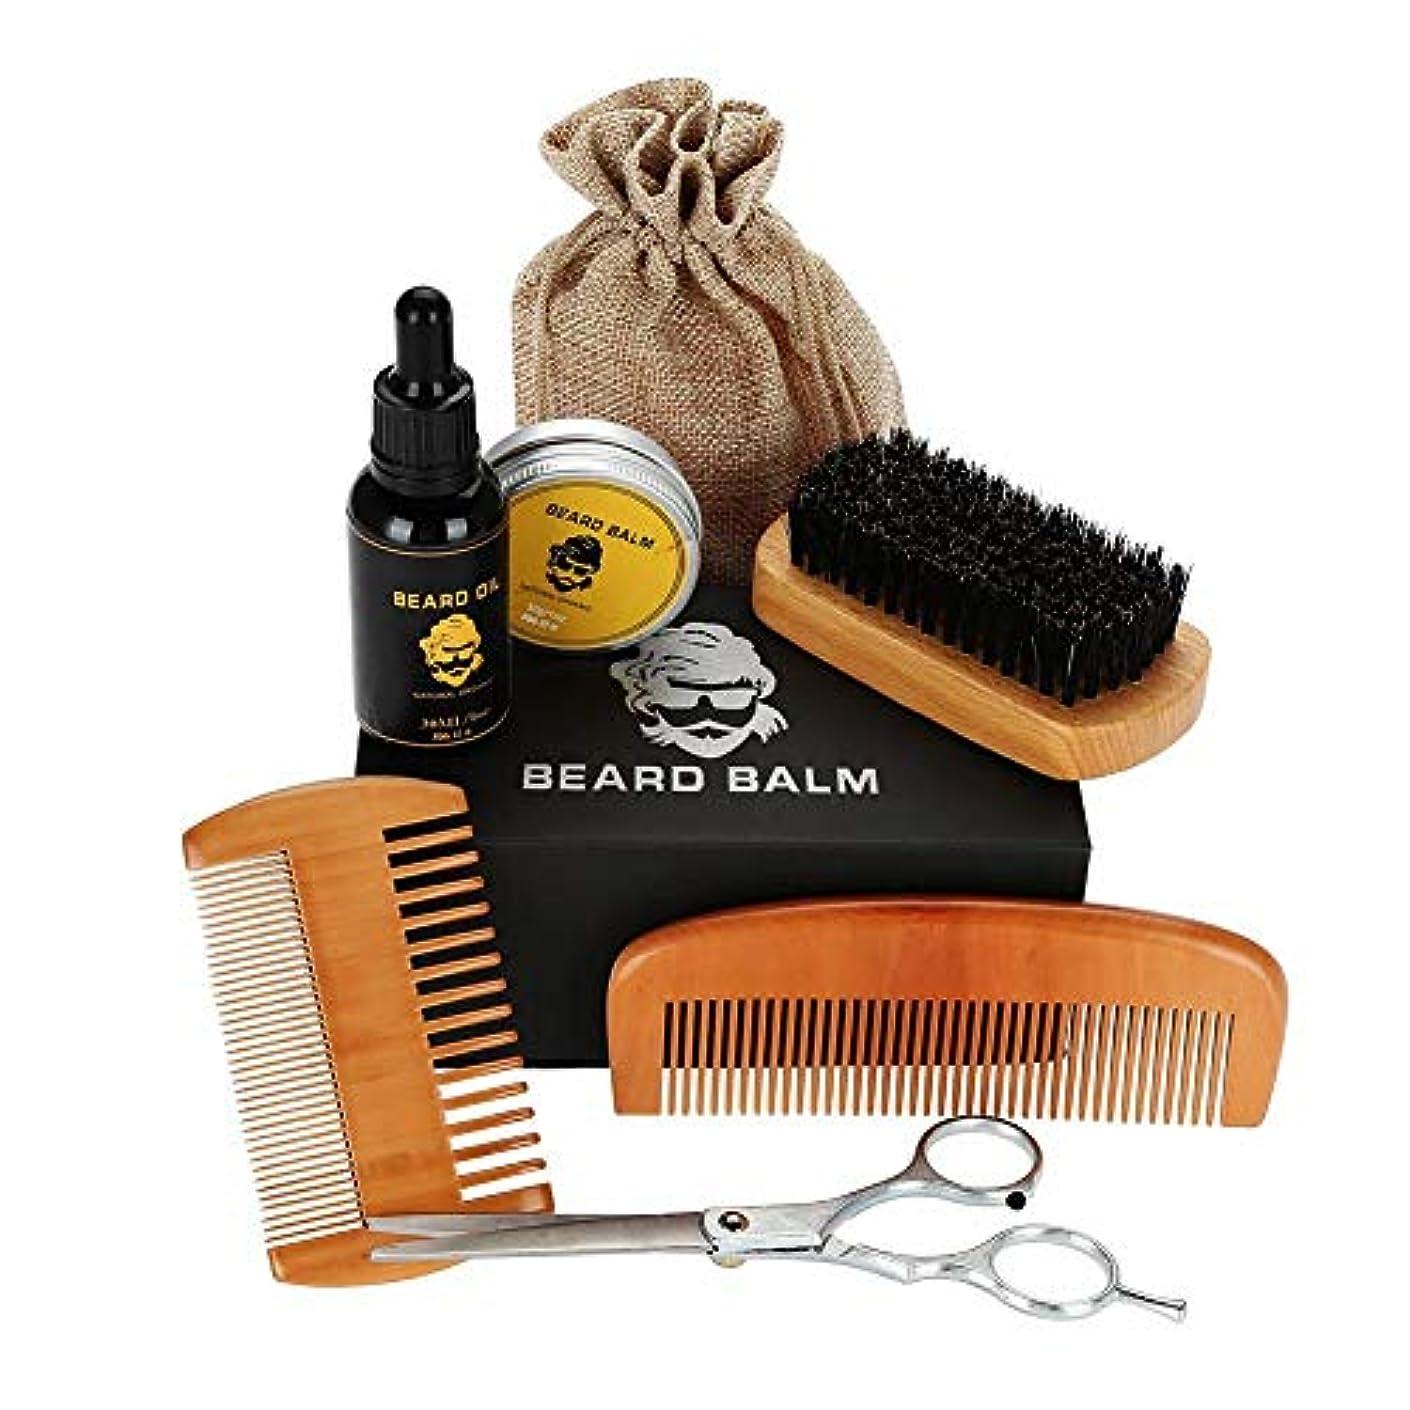 神経基準コーンウォールビアードセット 男性グルーミングケア 8件セット 保湿 滋養 ひげ根のケアなどの効果 収納袋付き 携帯便利